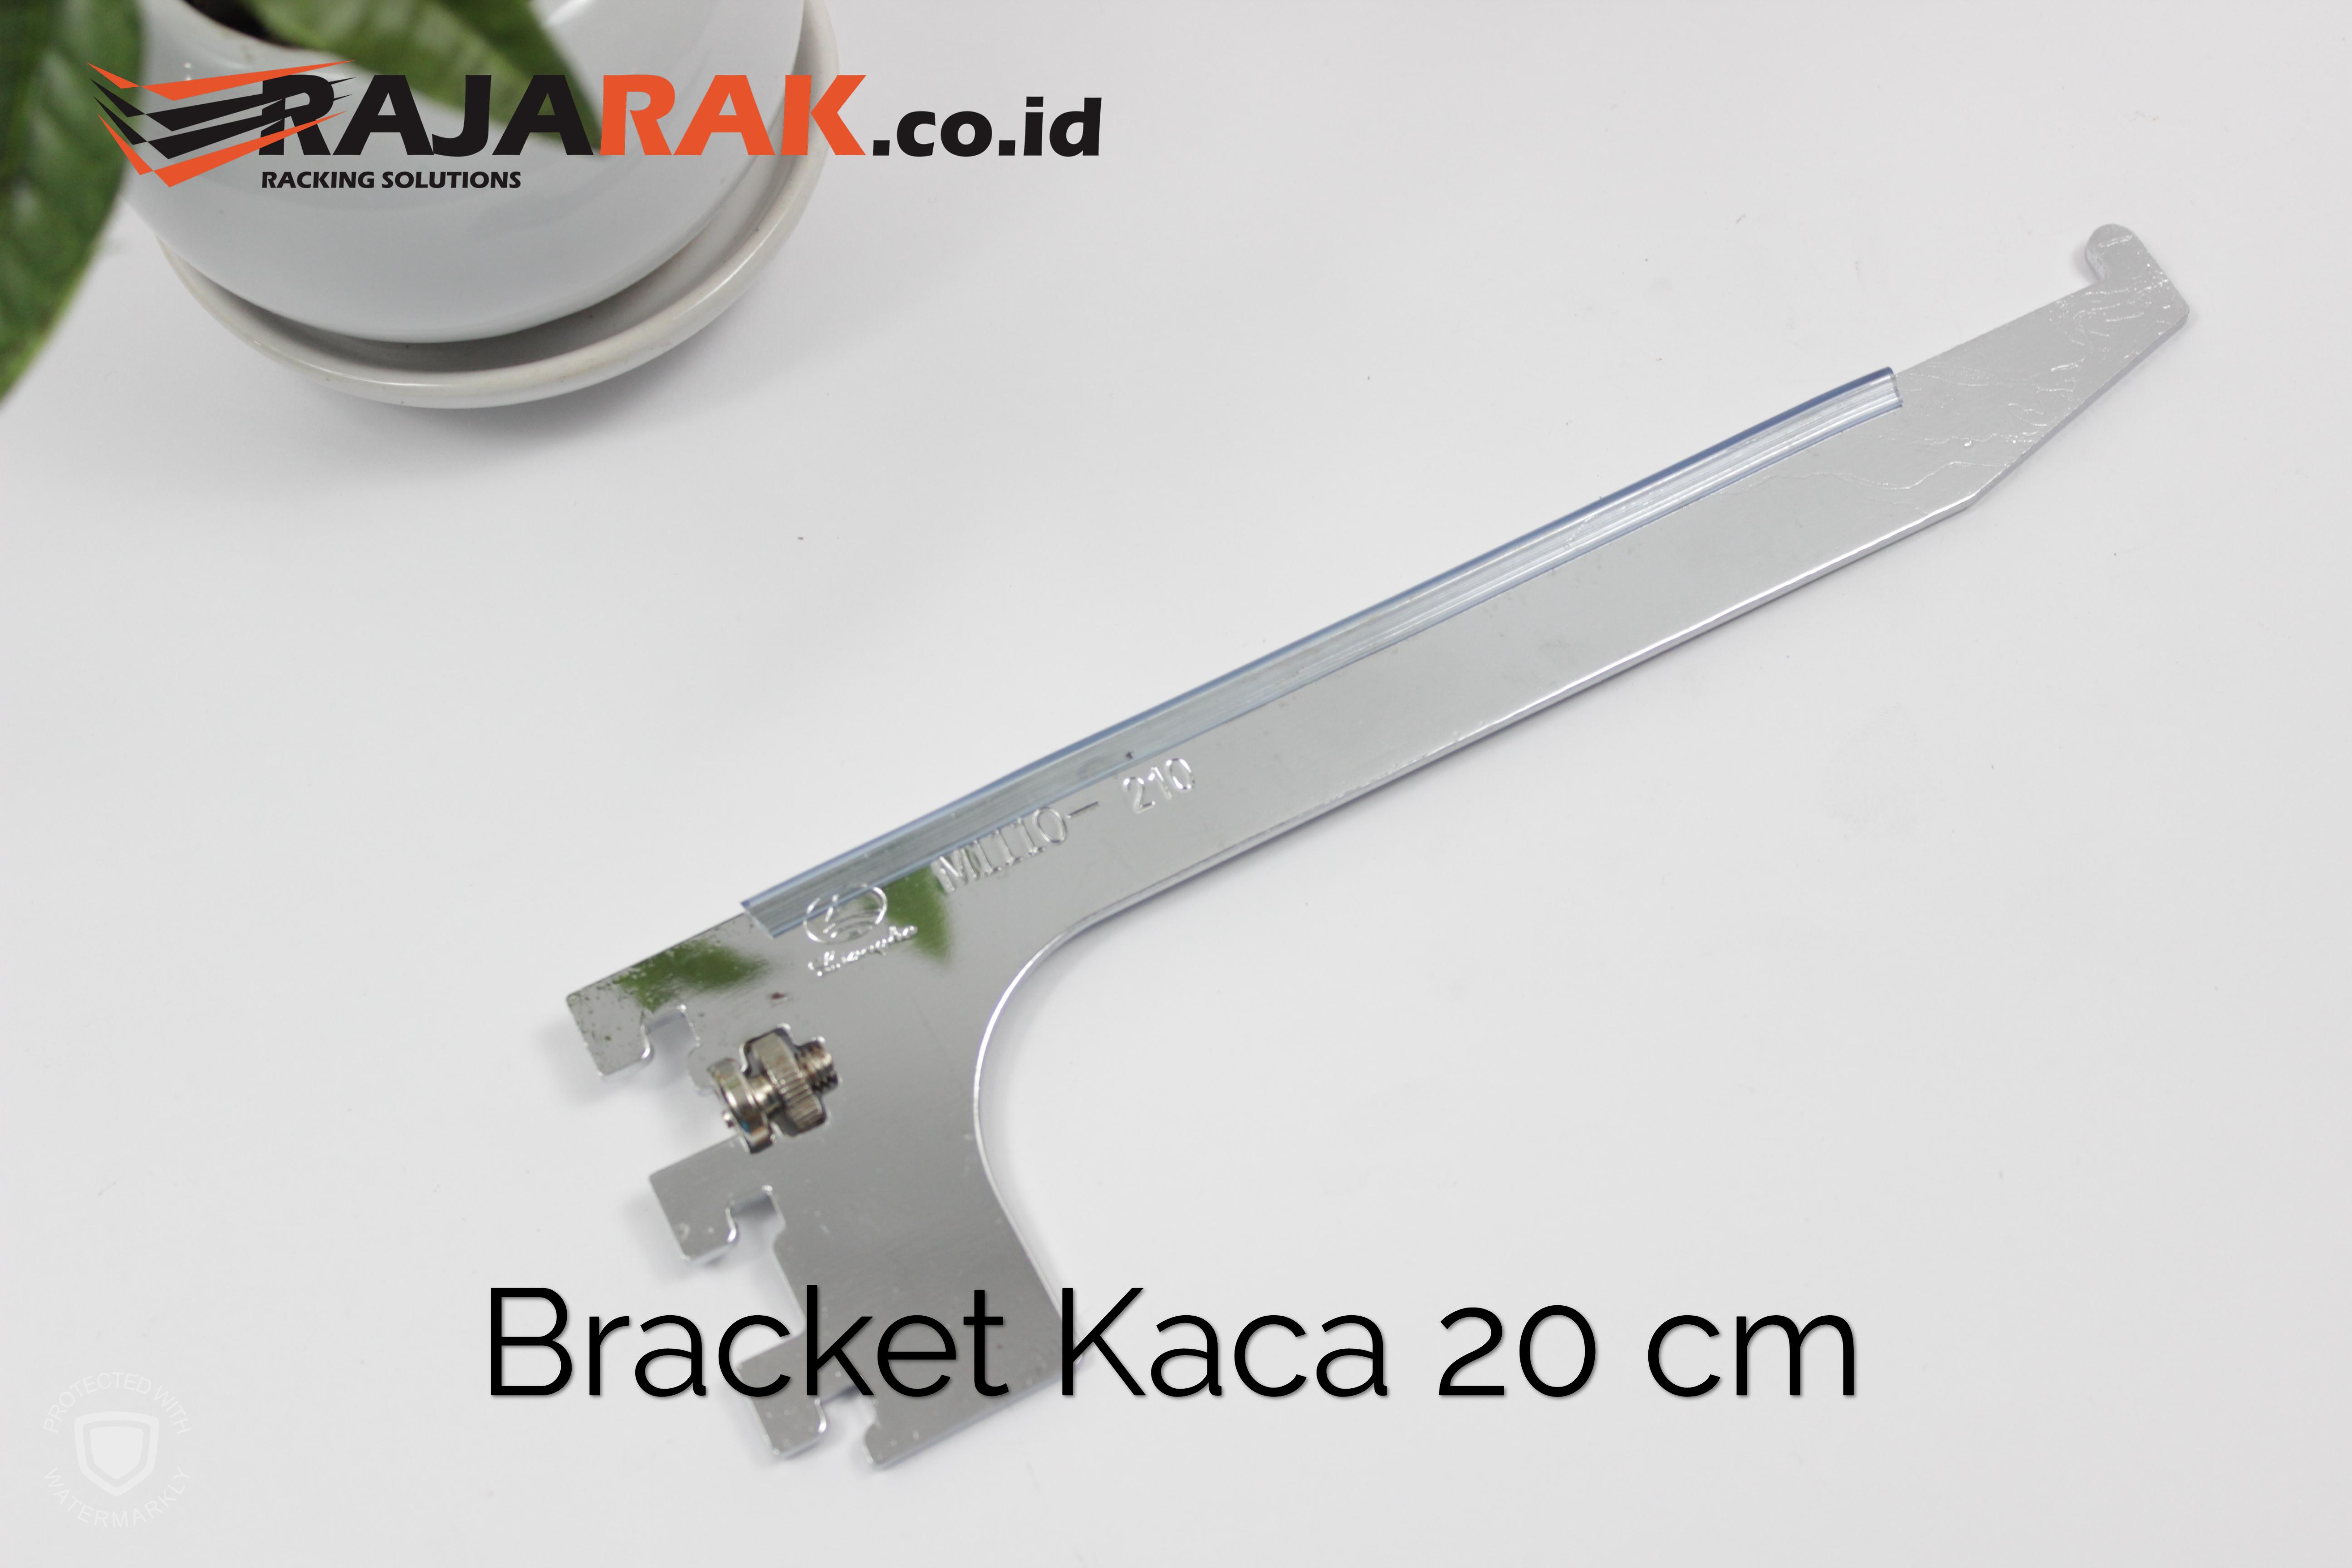 Daun Bracket Kaca 20 cm Tebal 3 mm Warna Chrome